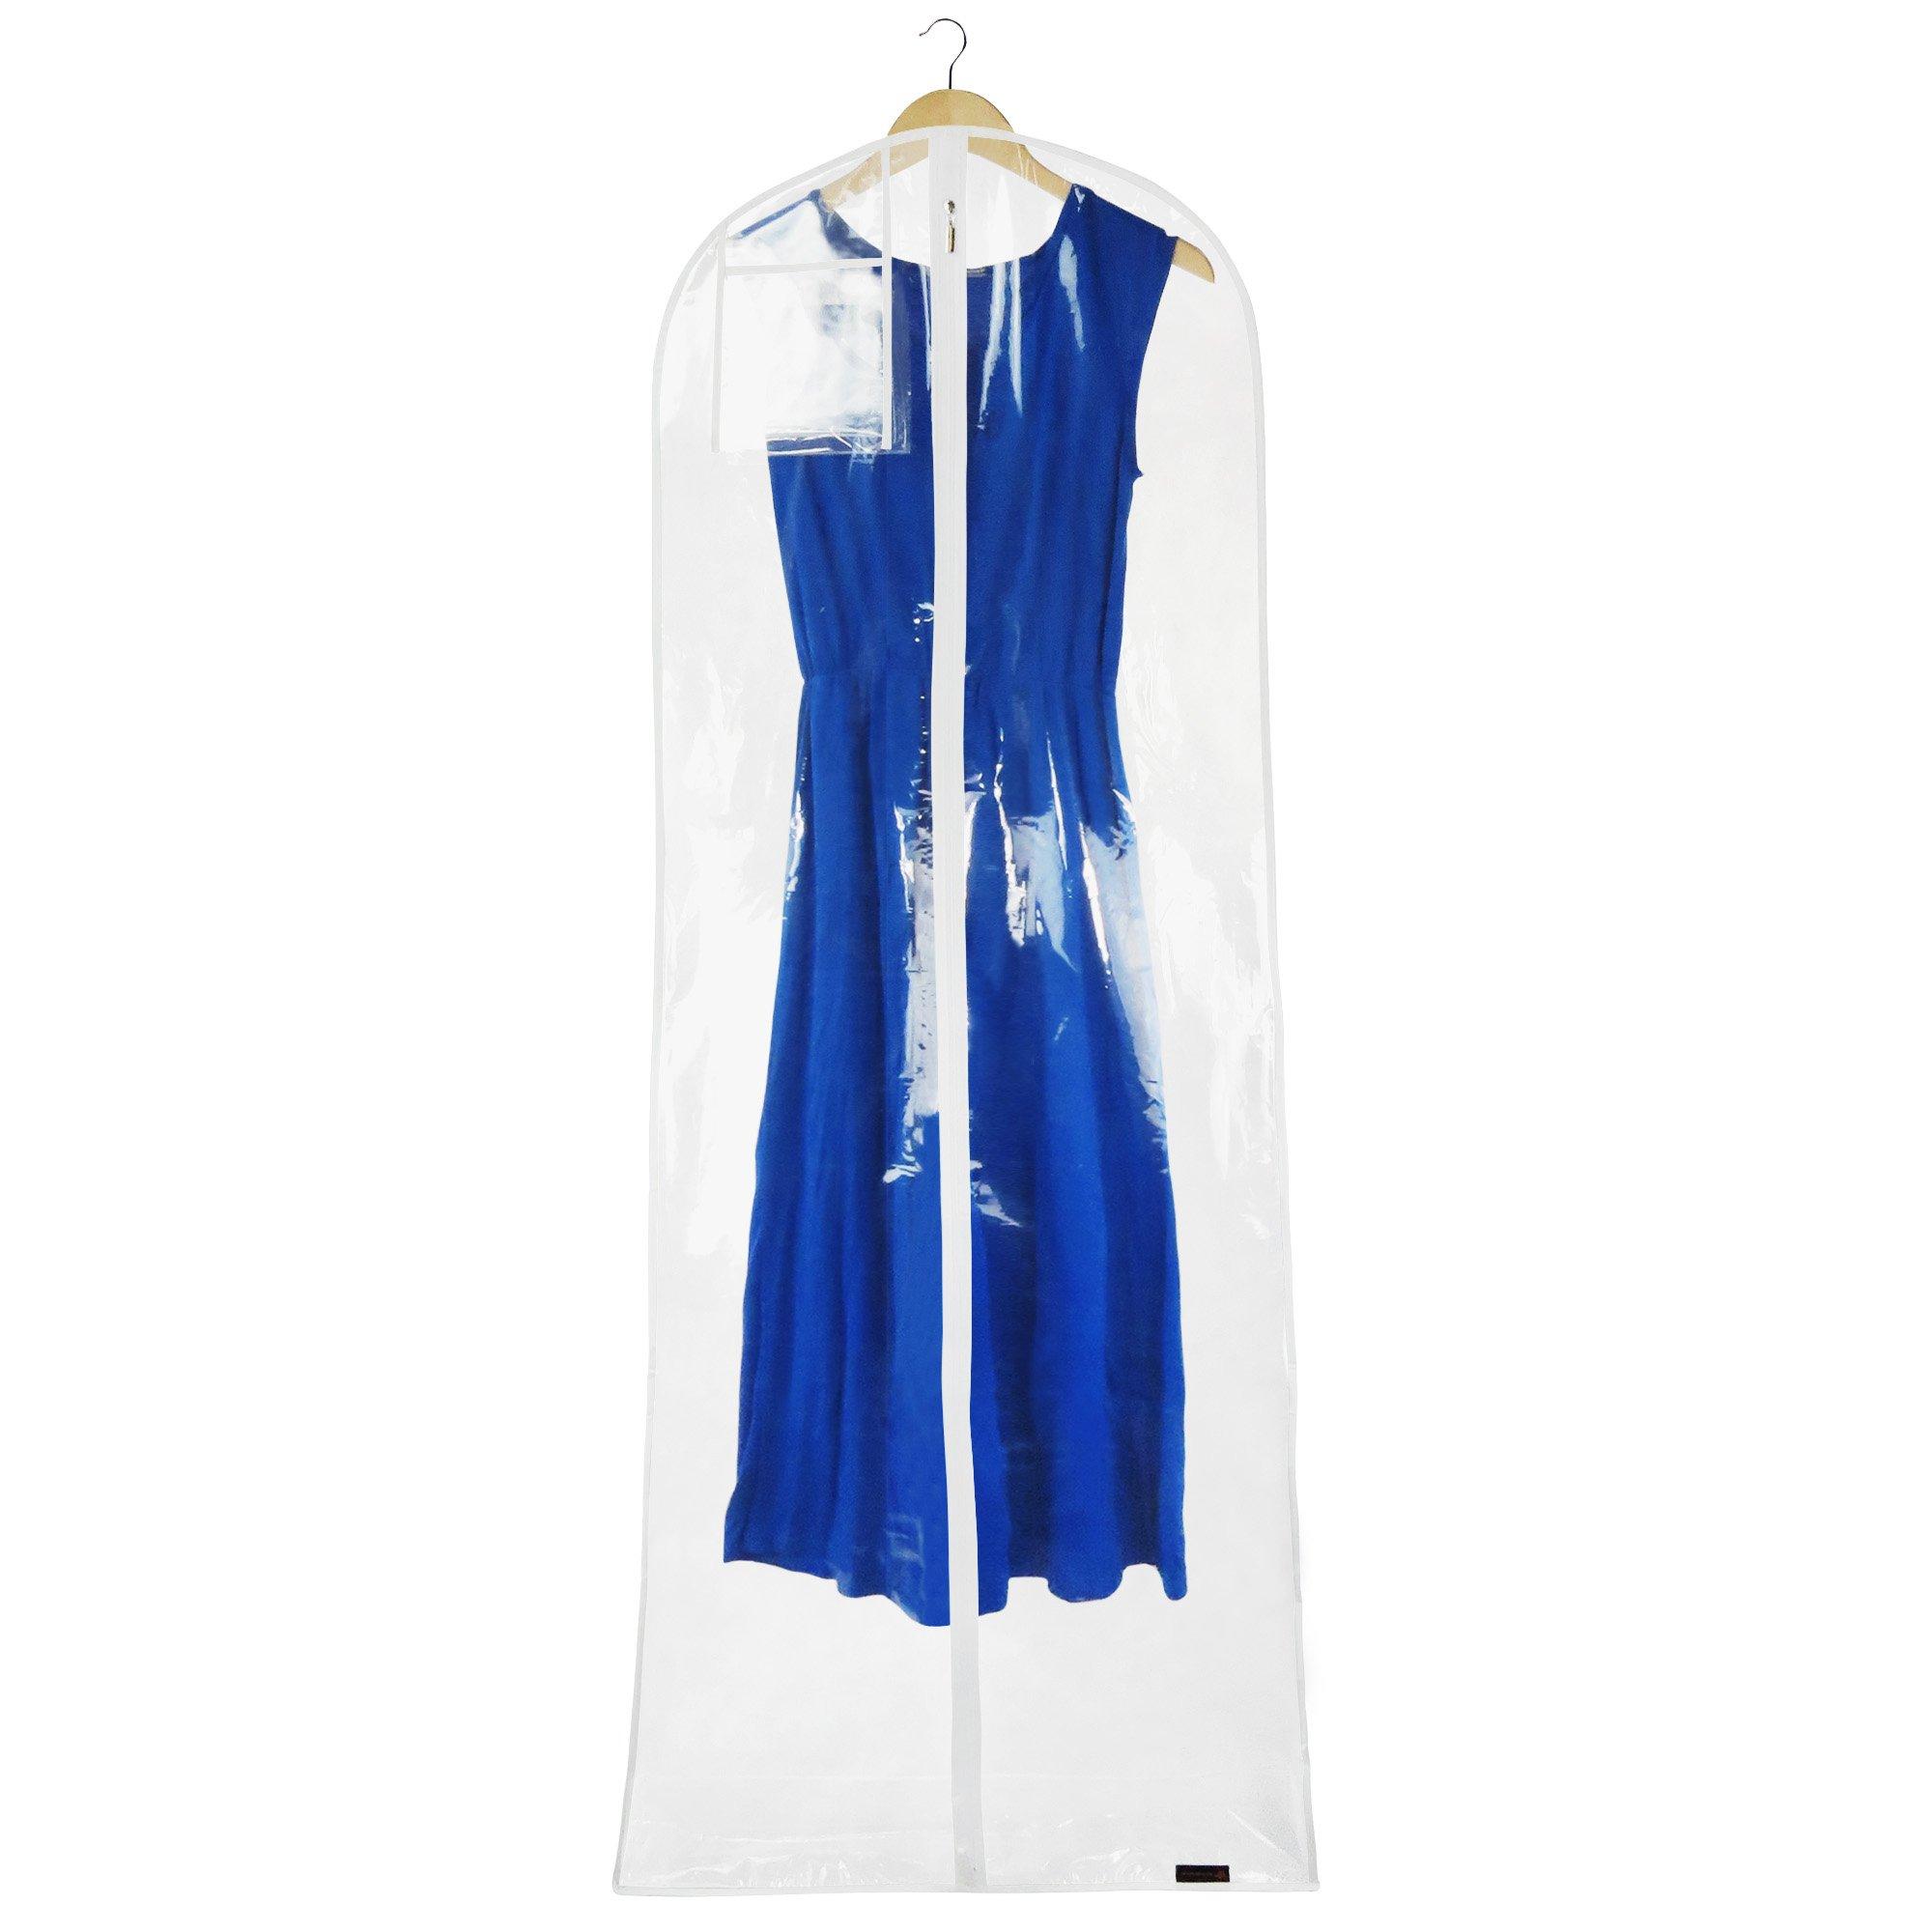 HANGERWORLD 72'' Clear Showerproof Dress Cover Bag - Internal Pocket & 8'' Gusset